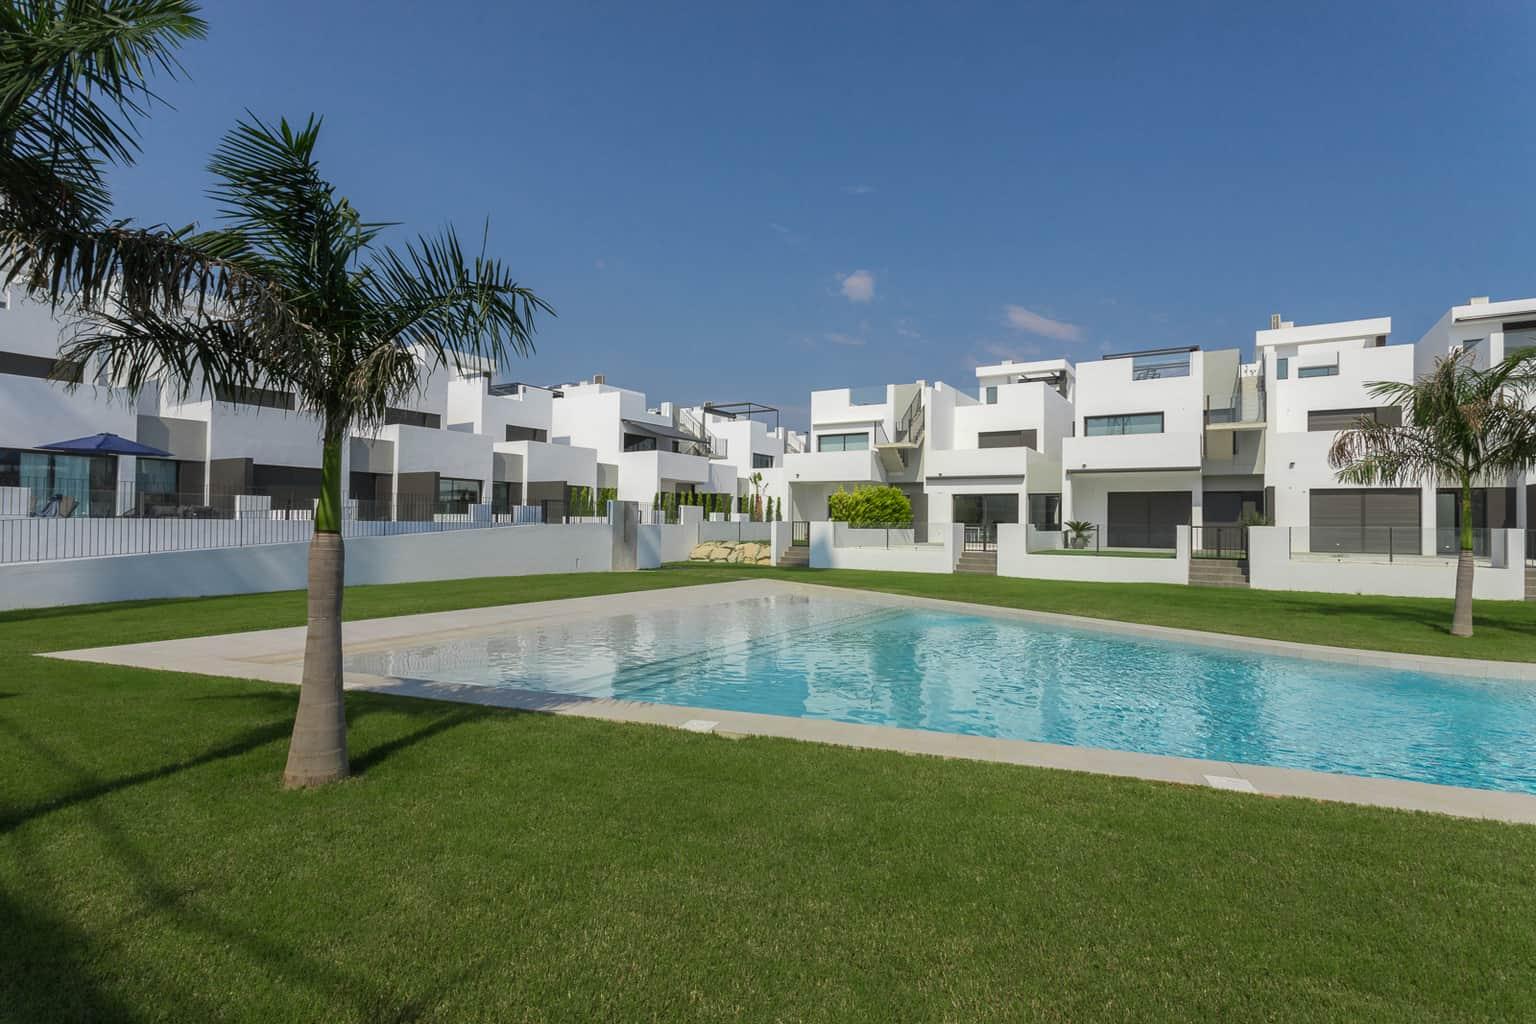 New 2 Bedroom Apartments - Torre de la Horadada - Perfect ...